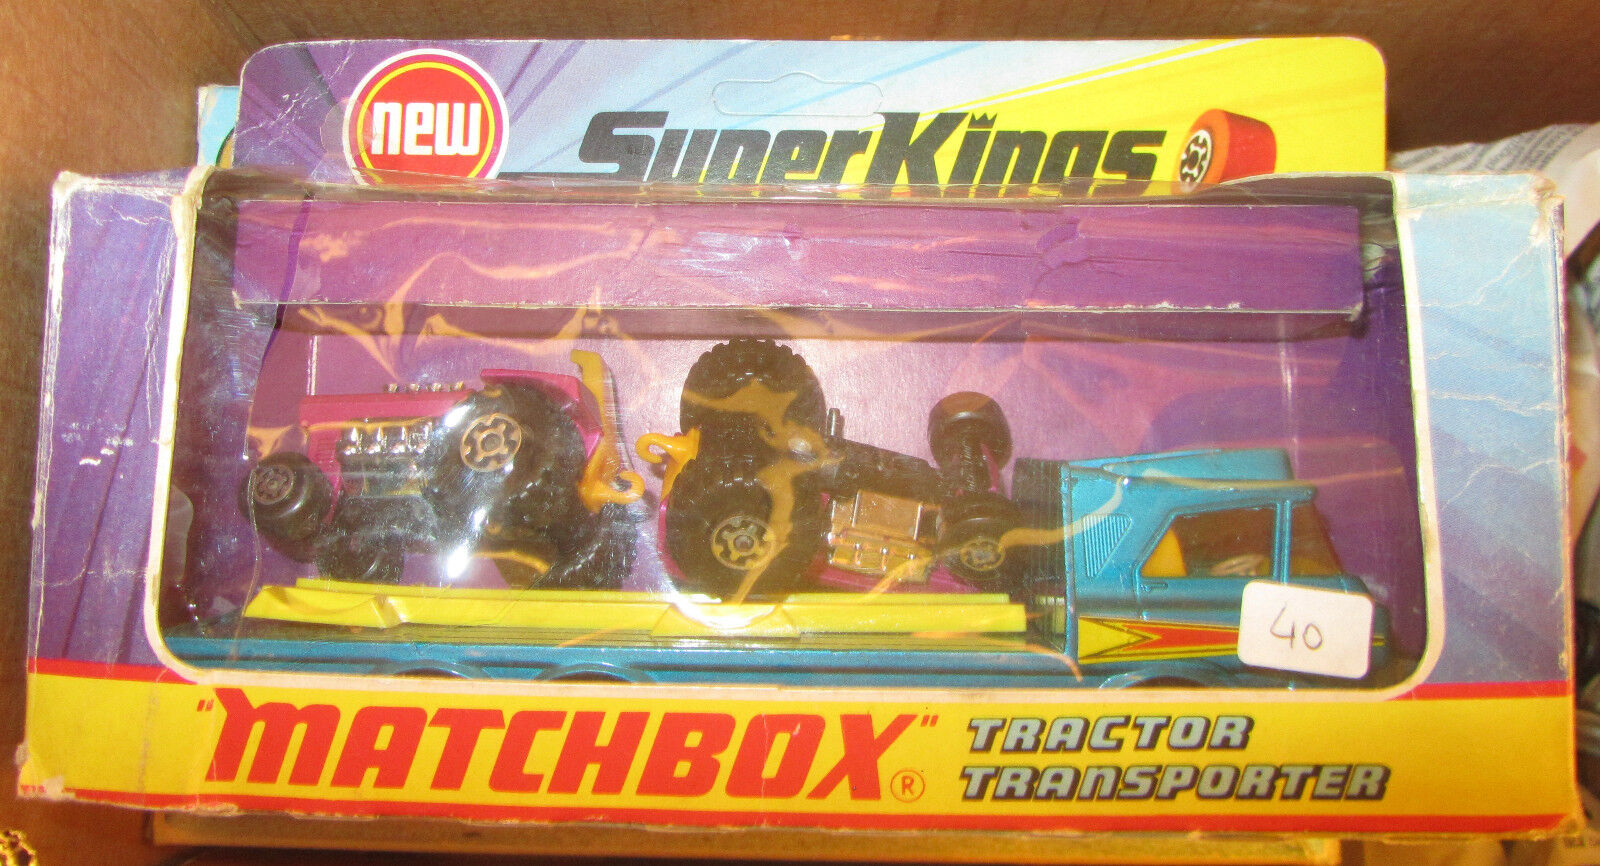 Obtén lo ultimo MATCHBOX súperKINGS súperKINGS súperKINGS K-21 TRACTOR TRANSPORTER + Trattori SPESE GRATIS  autorización